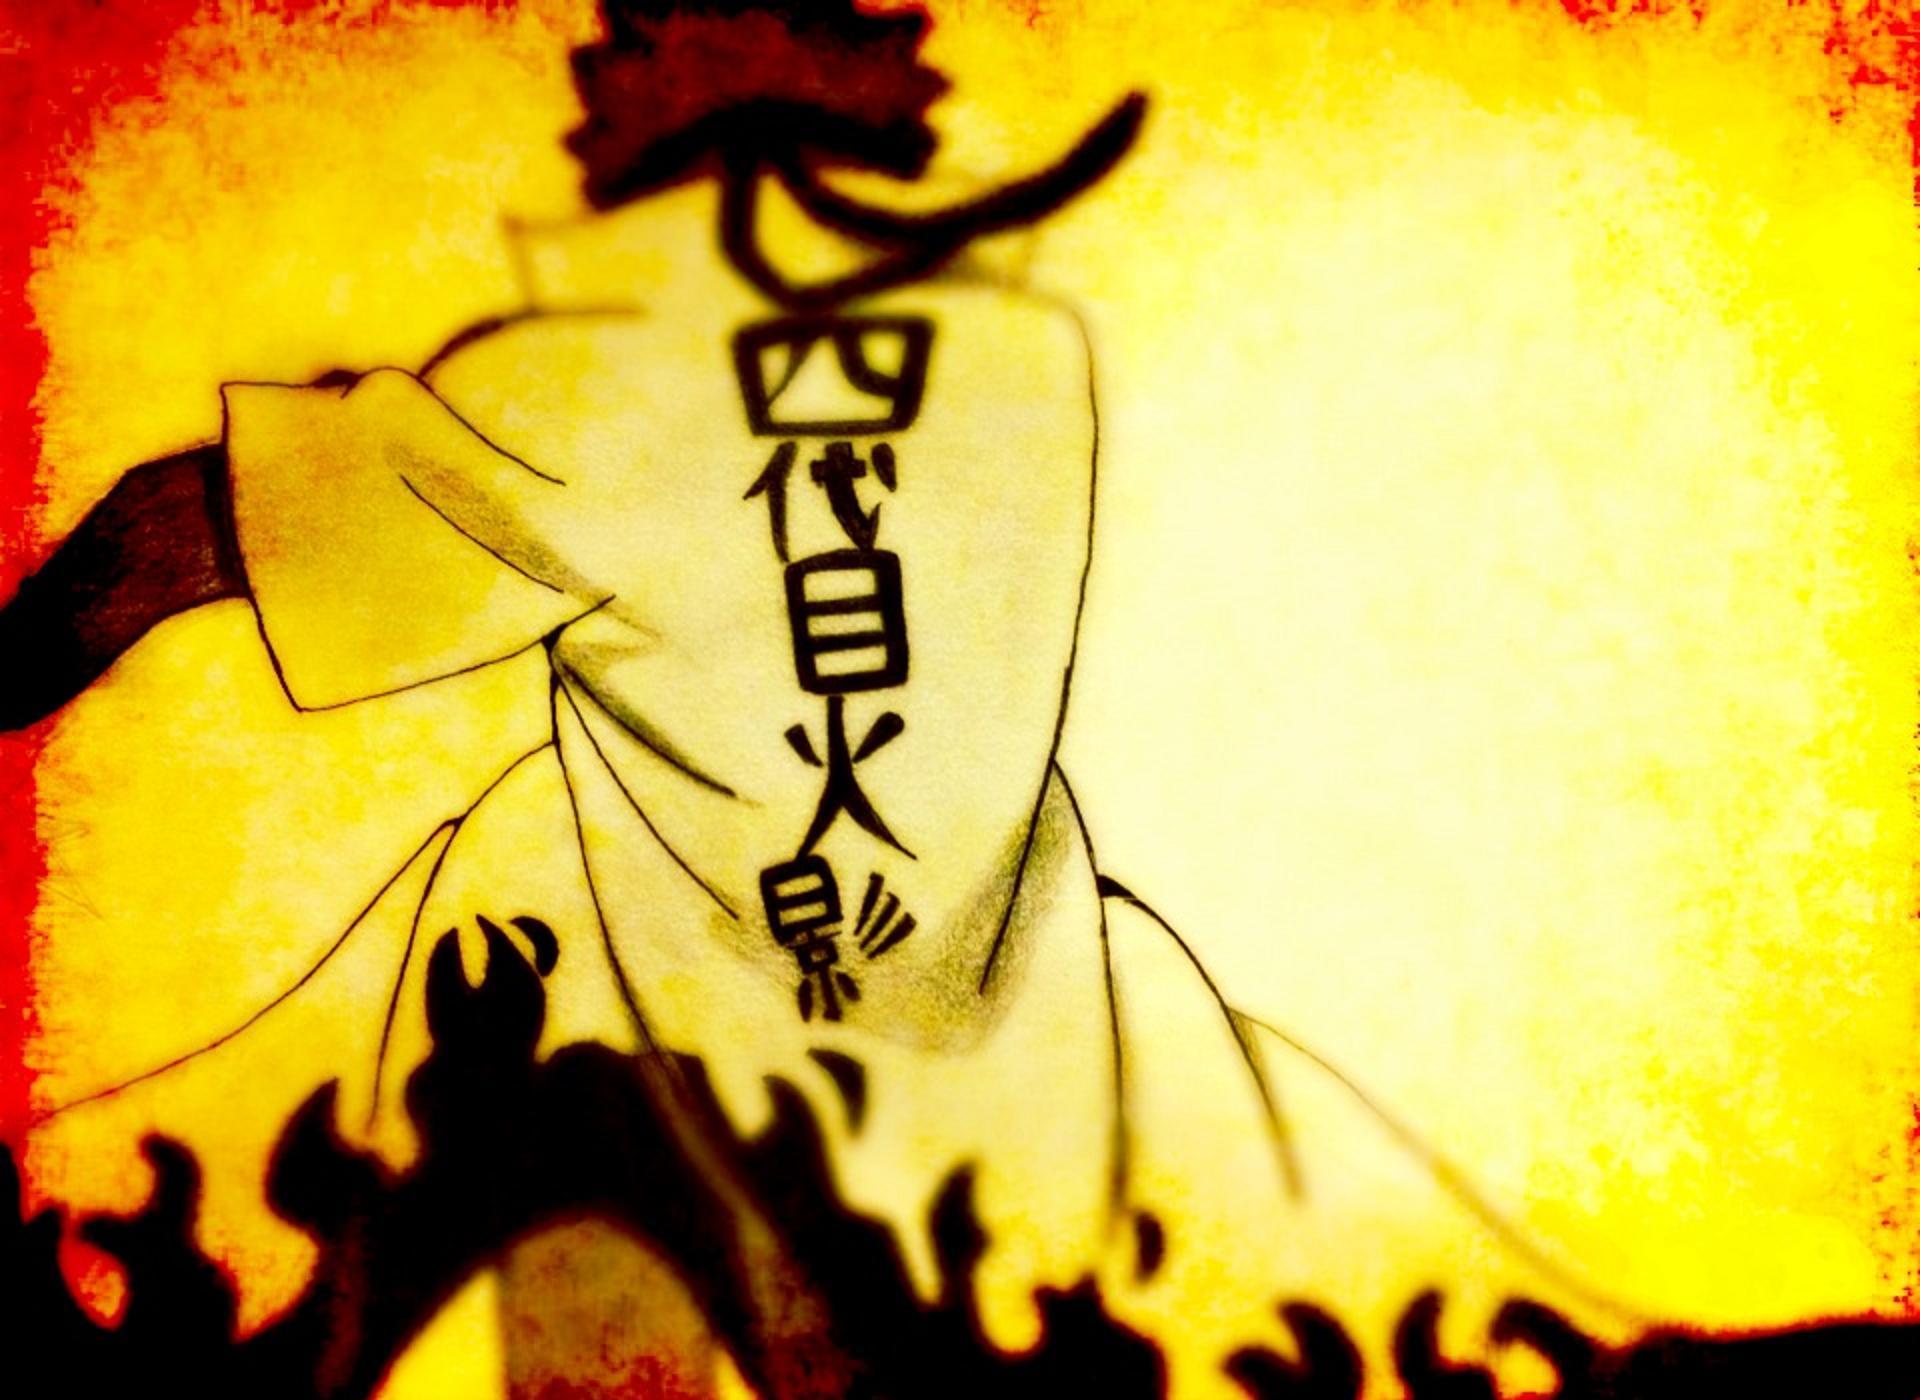 naruto uzumaki wallpaper 11 backgrounds wallruru